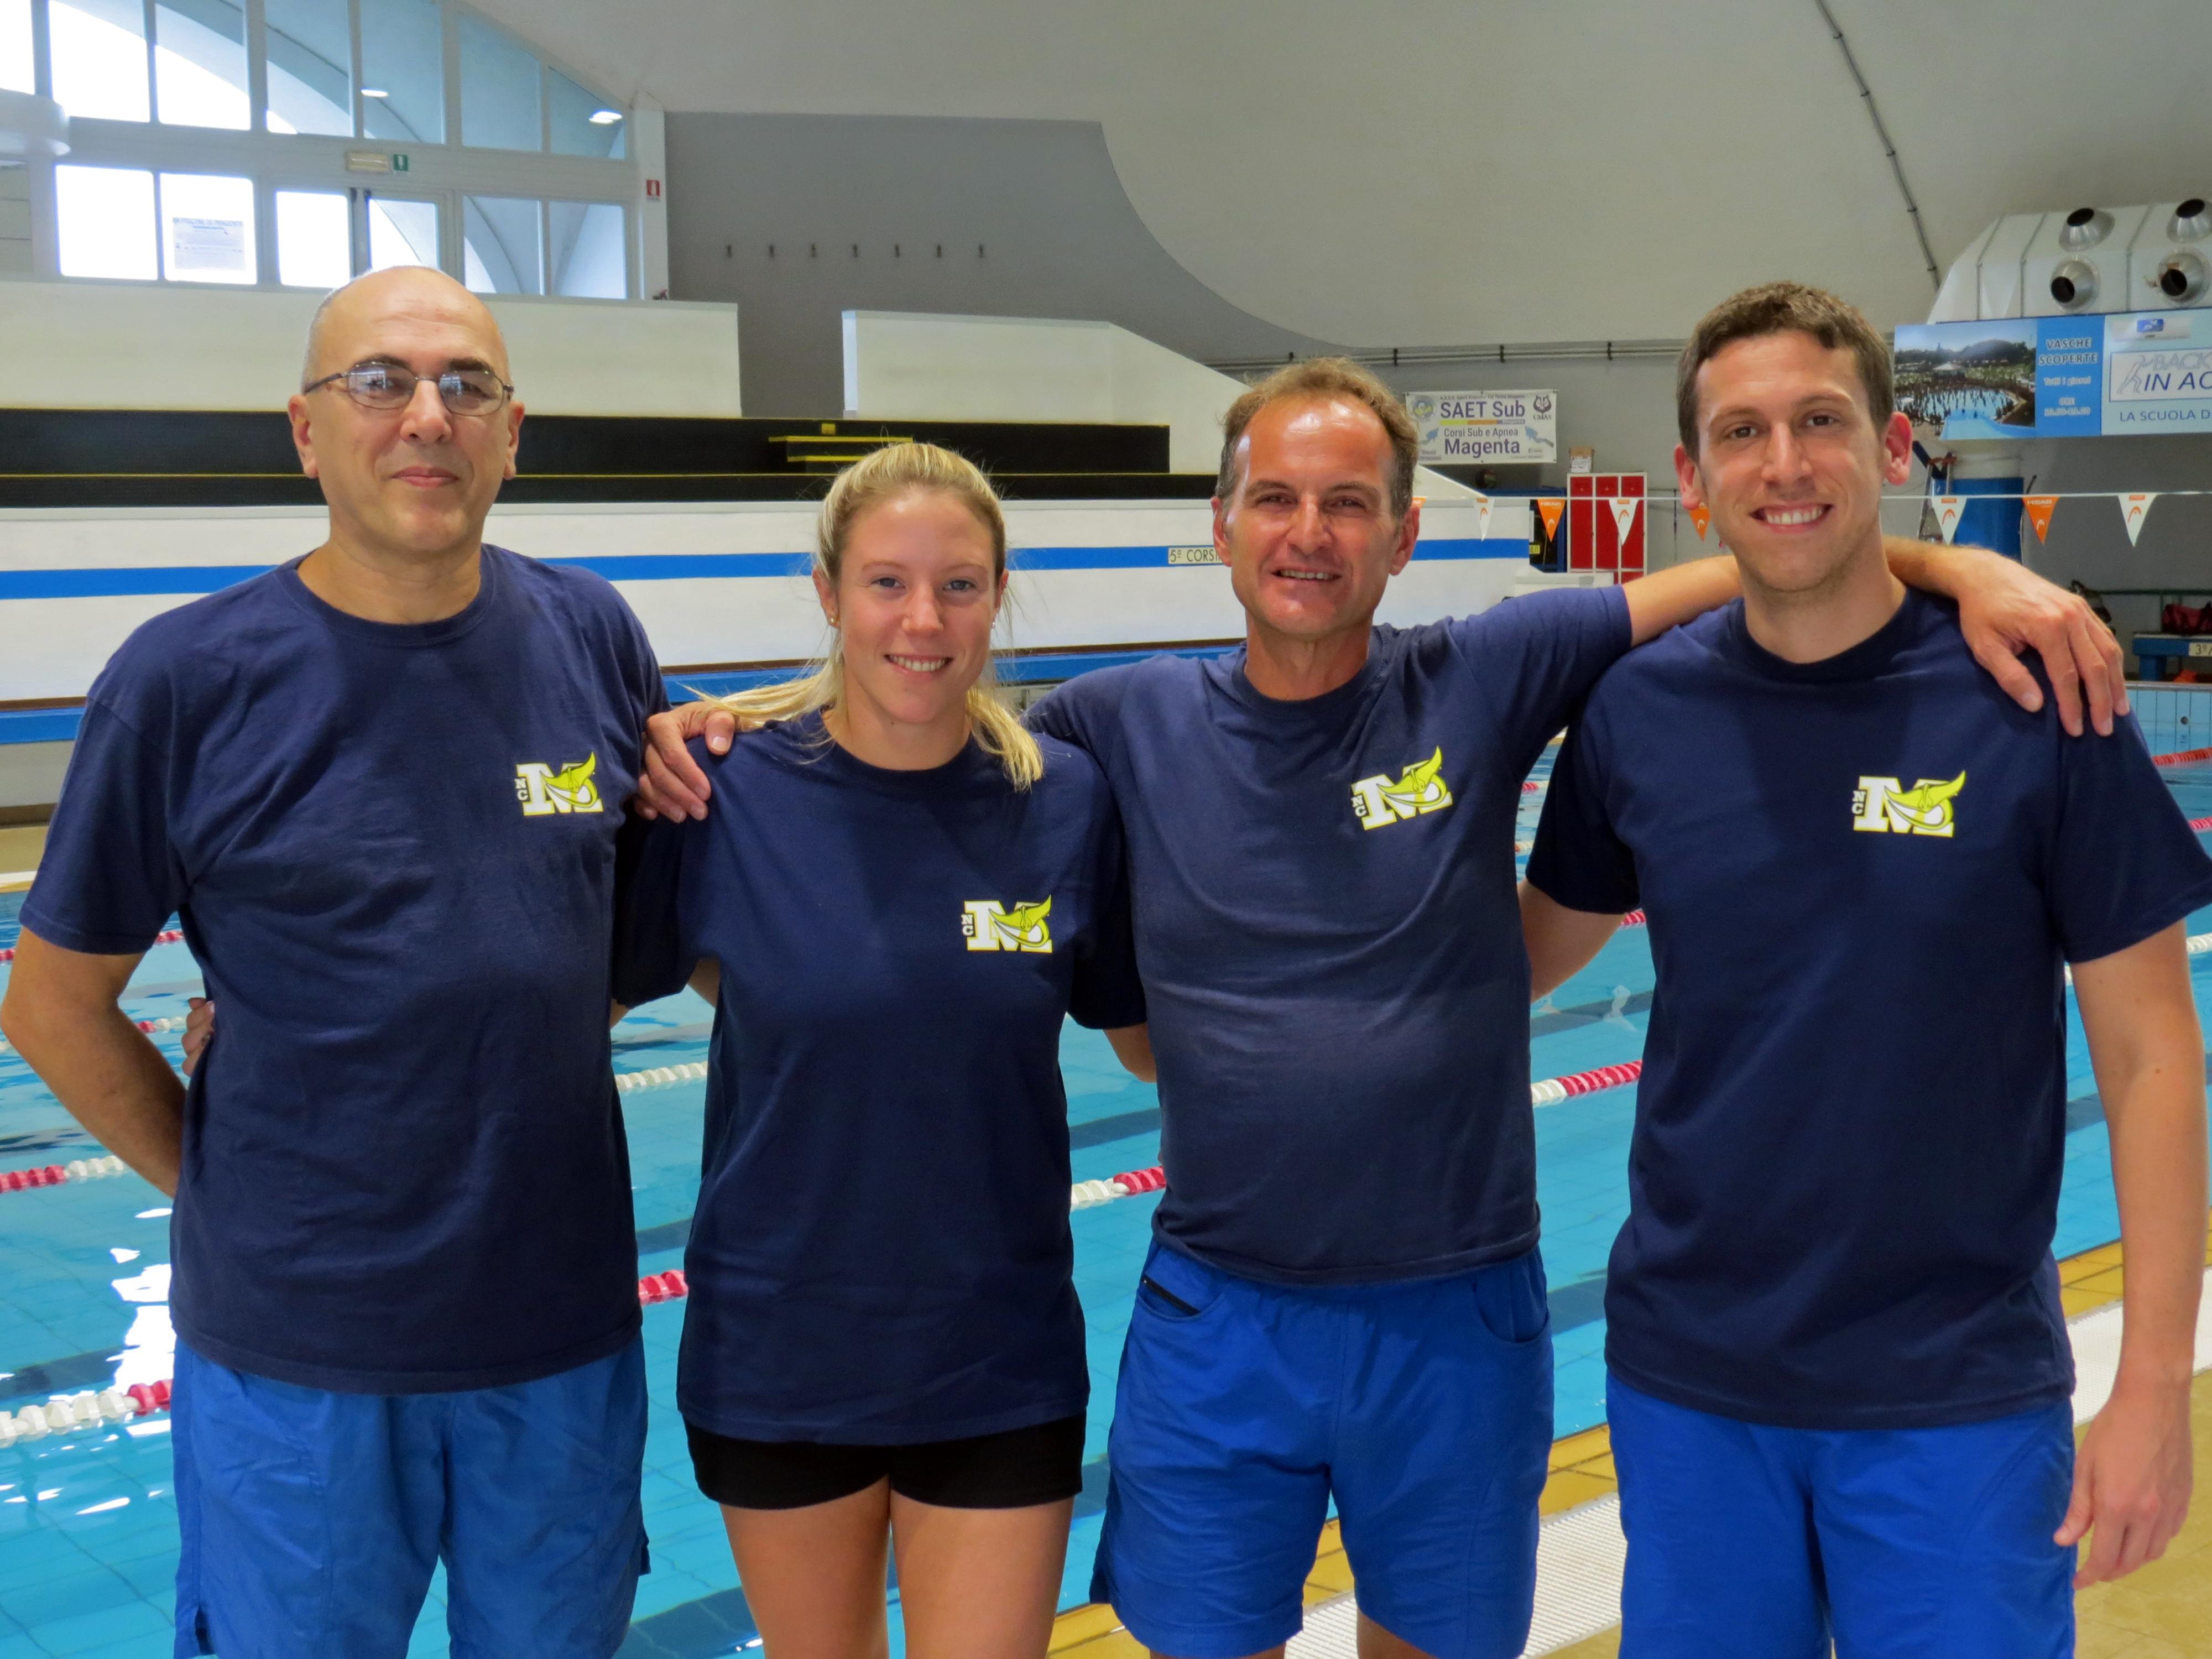 Istruttori Nuoto Club Magenta